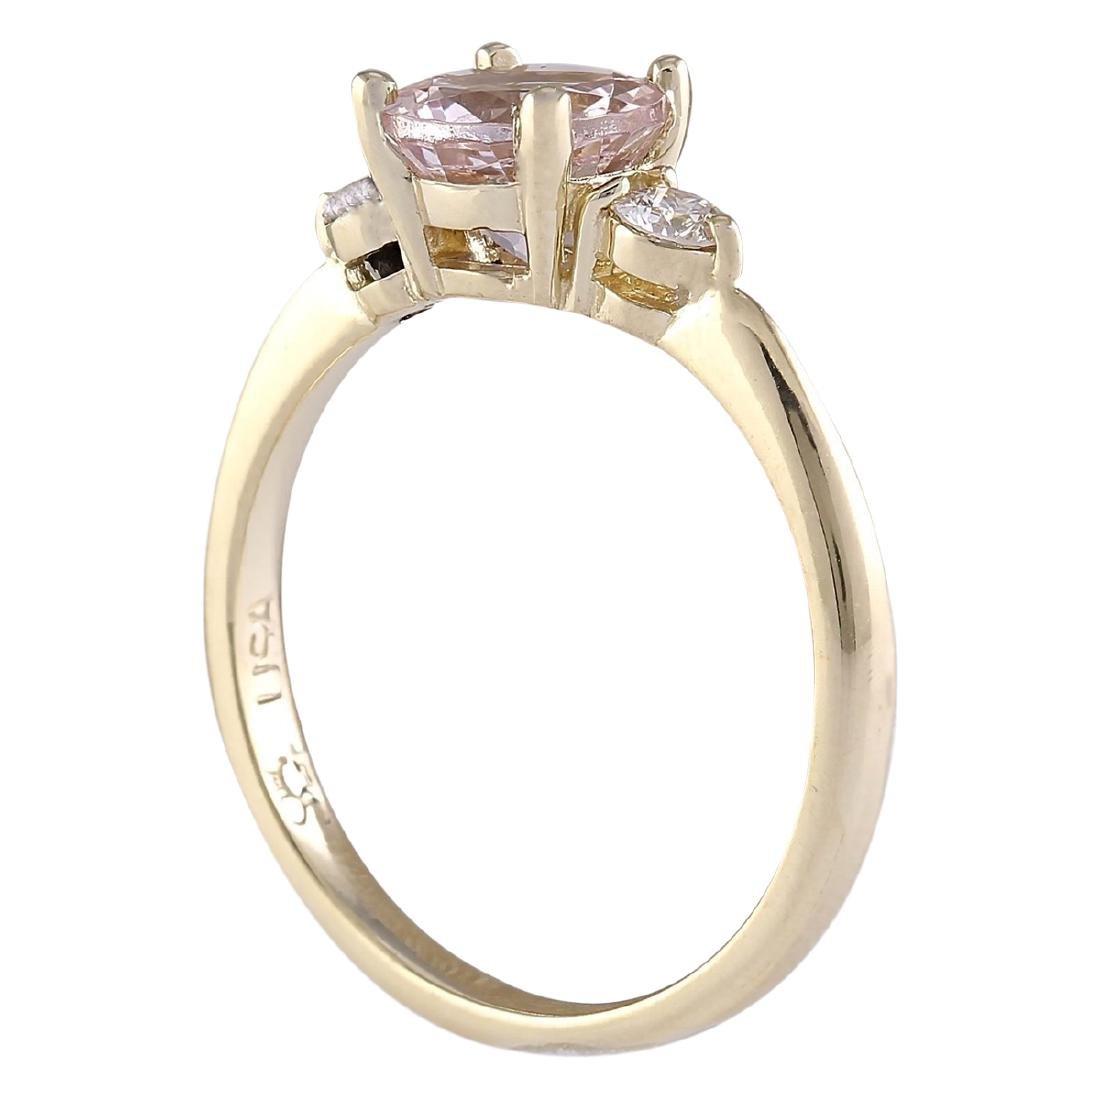 1.20 CTW Natural Morganite And Diamond Ring In 18K - 3